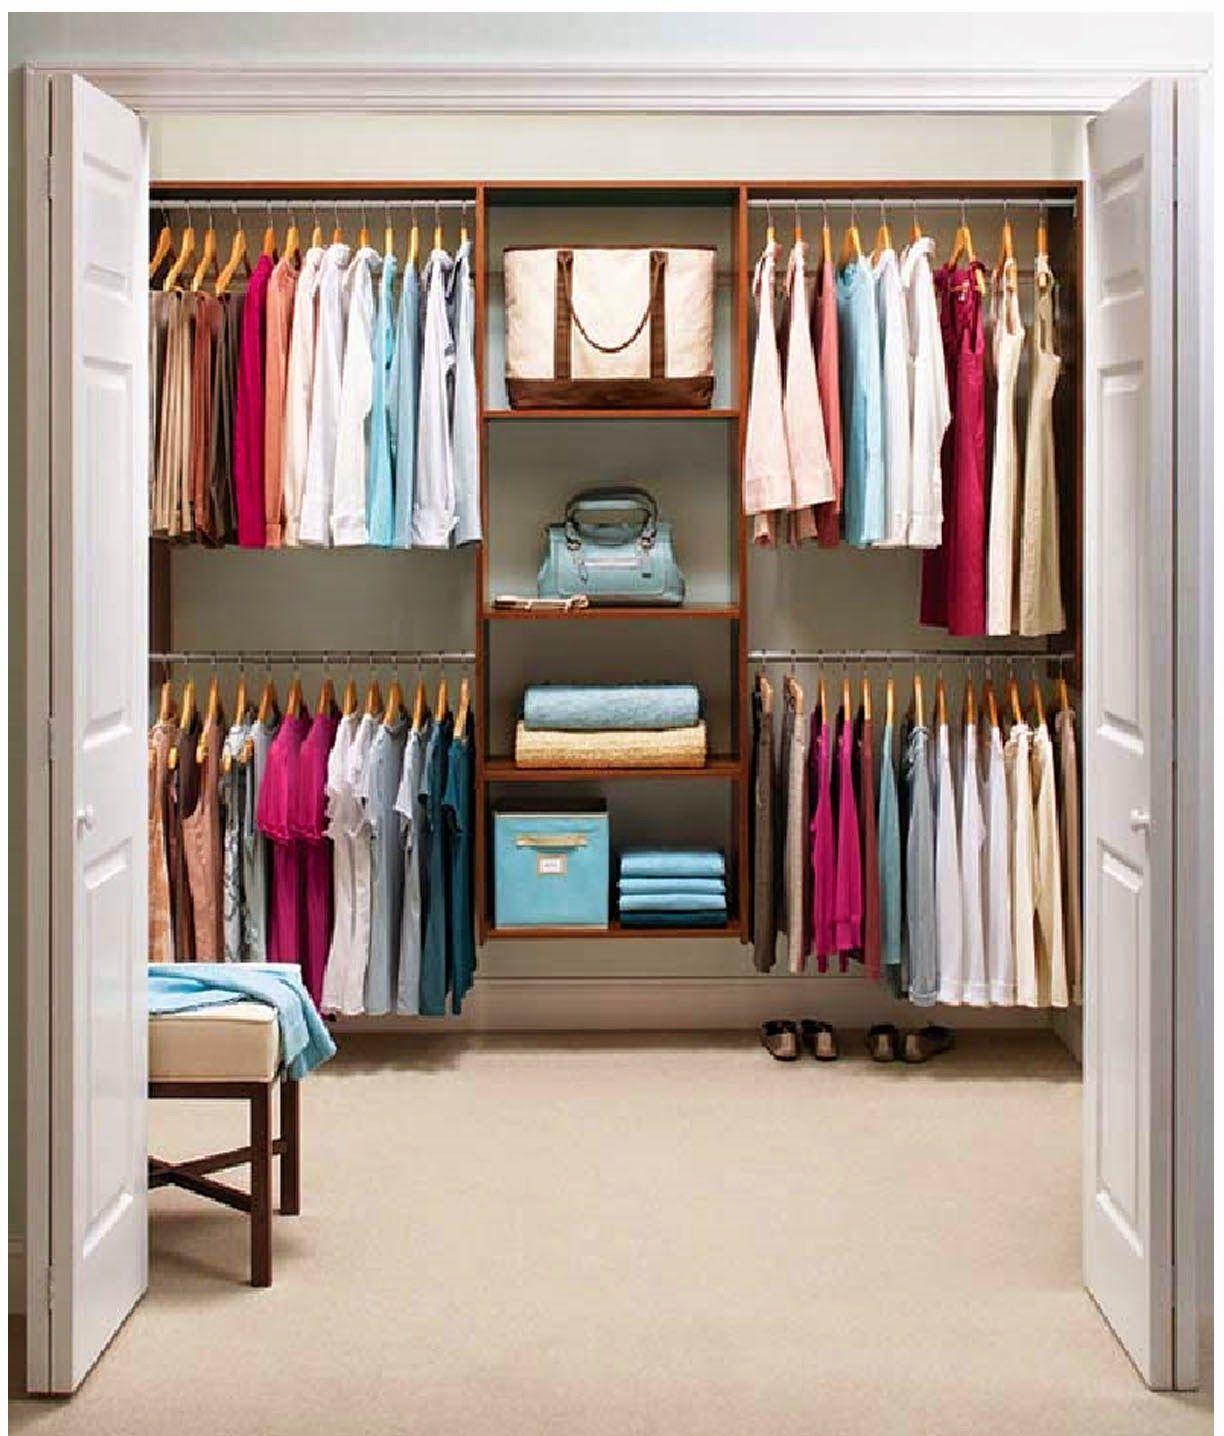 10 ideas para sacar partido a tu armario | Decorar tu casa, Armario ...